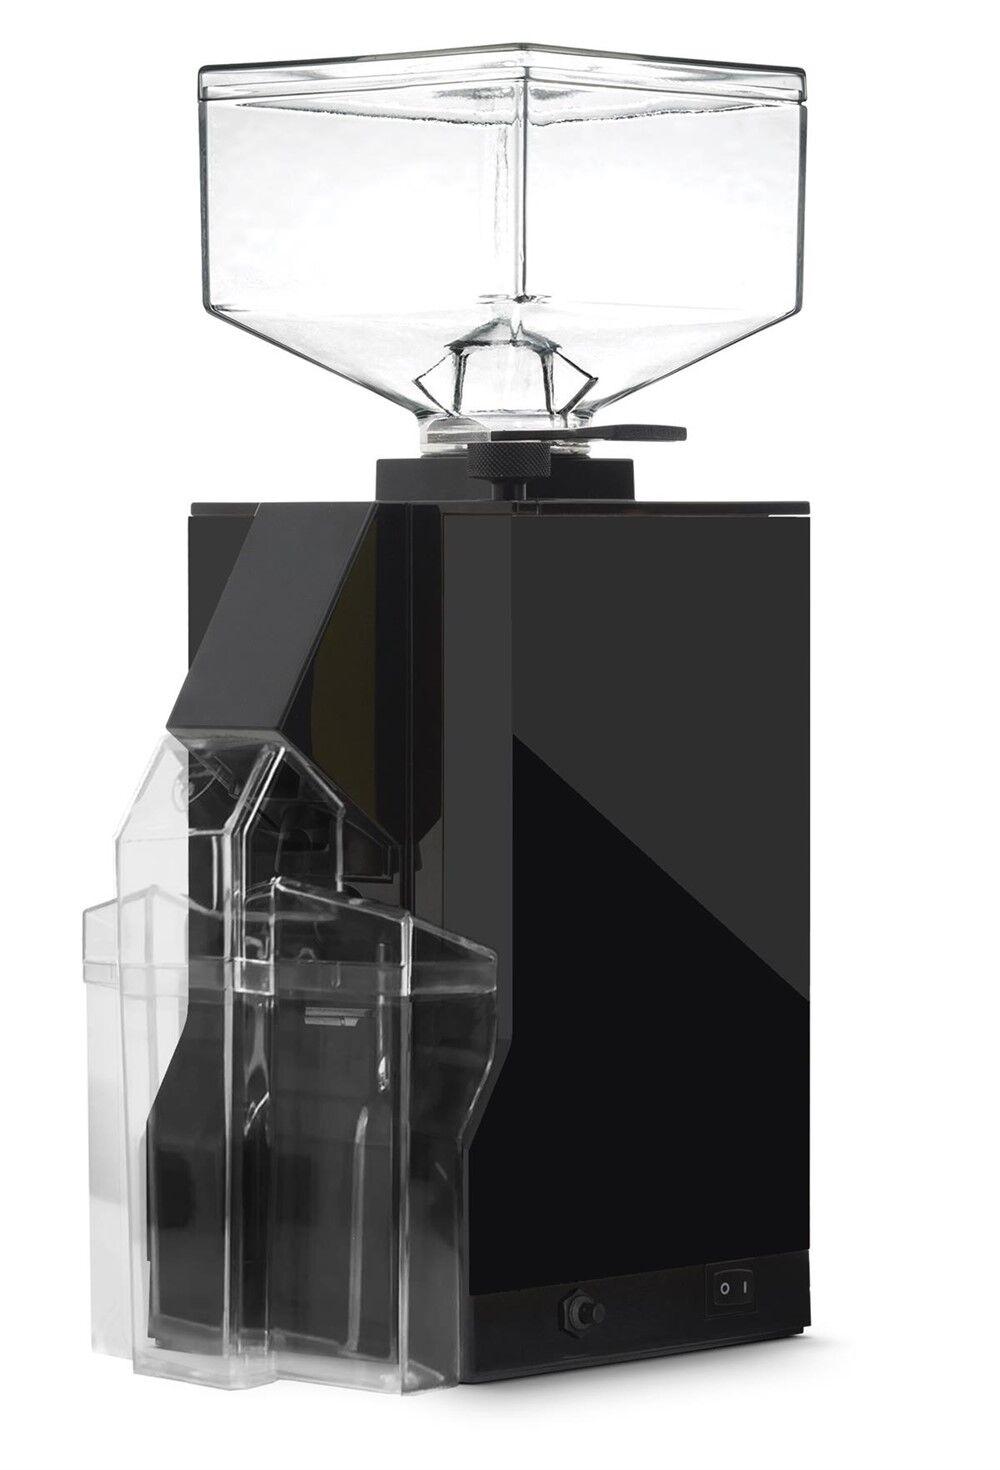 Eureka Filtro 15 BL melnā kafijas dzirnaviņas - izstādes dalībnieks